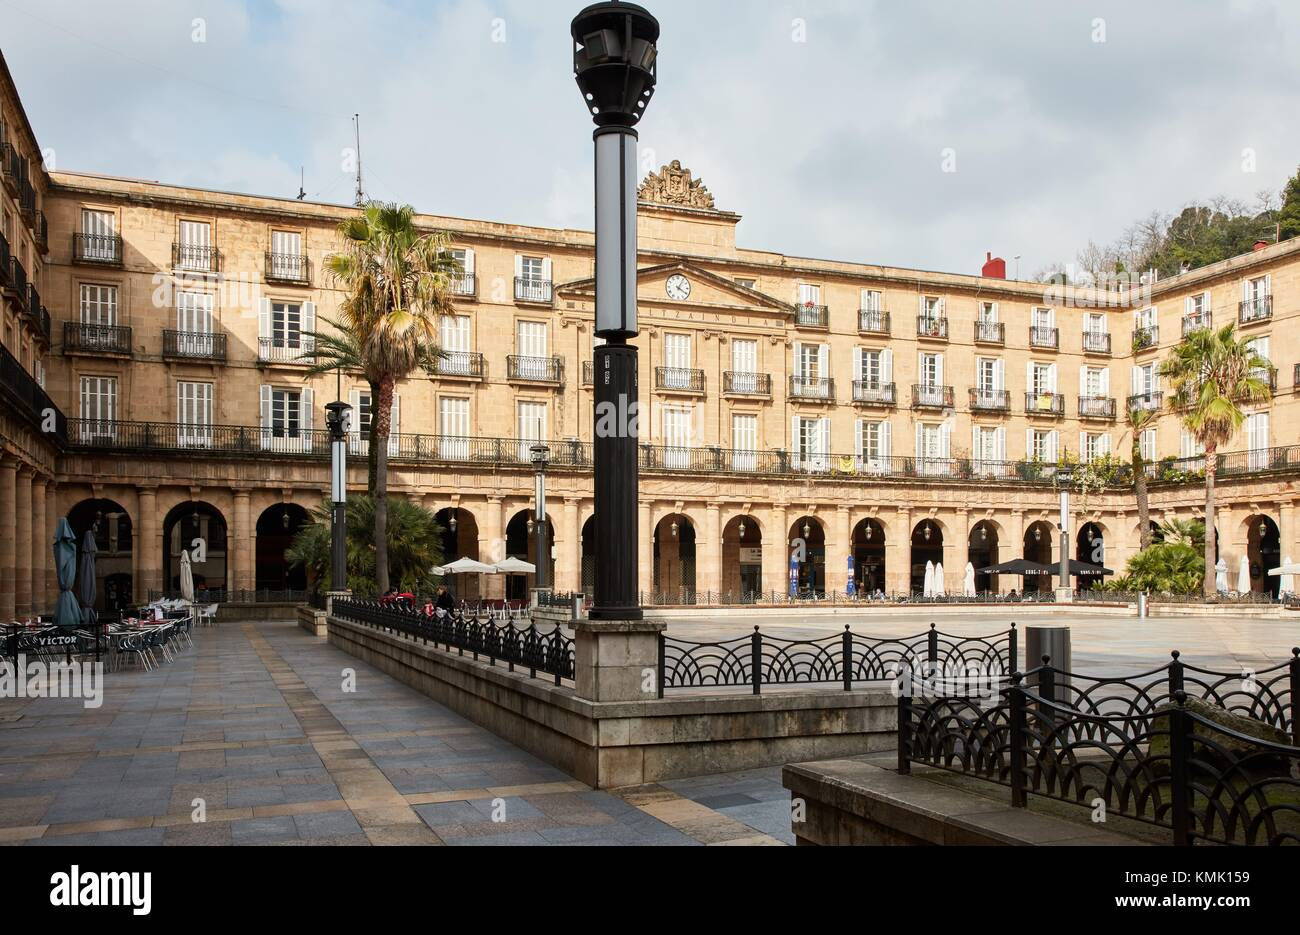 Plaza Nueva oder Plaza Berria, Casco Viejo, Bilbao, Vizcaya, Baskenland, Spanien Stockbild